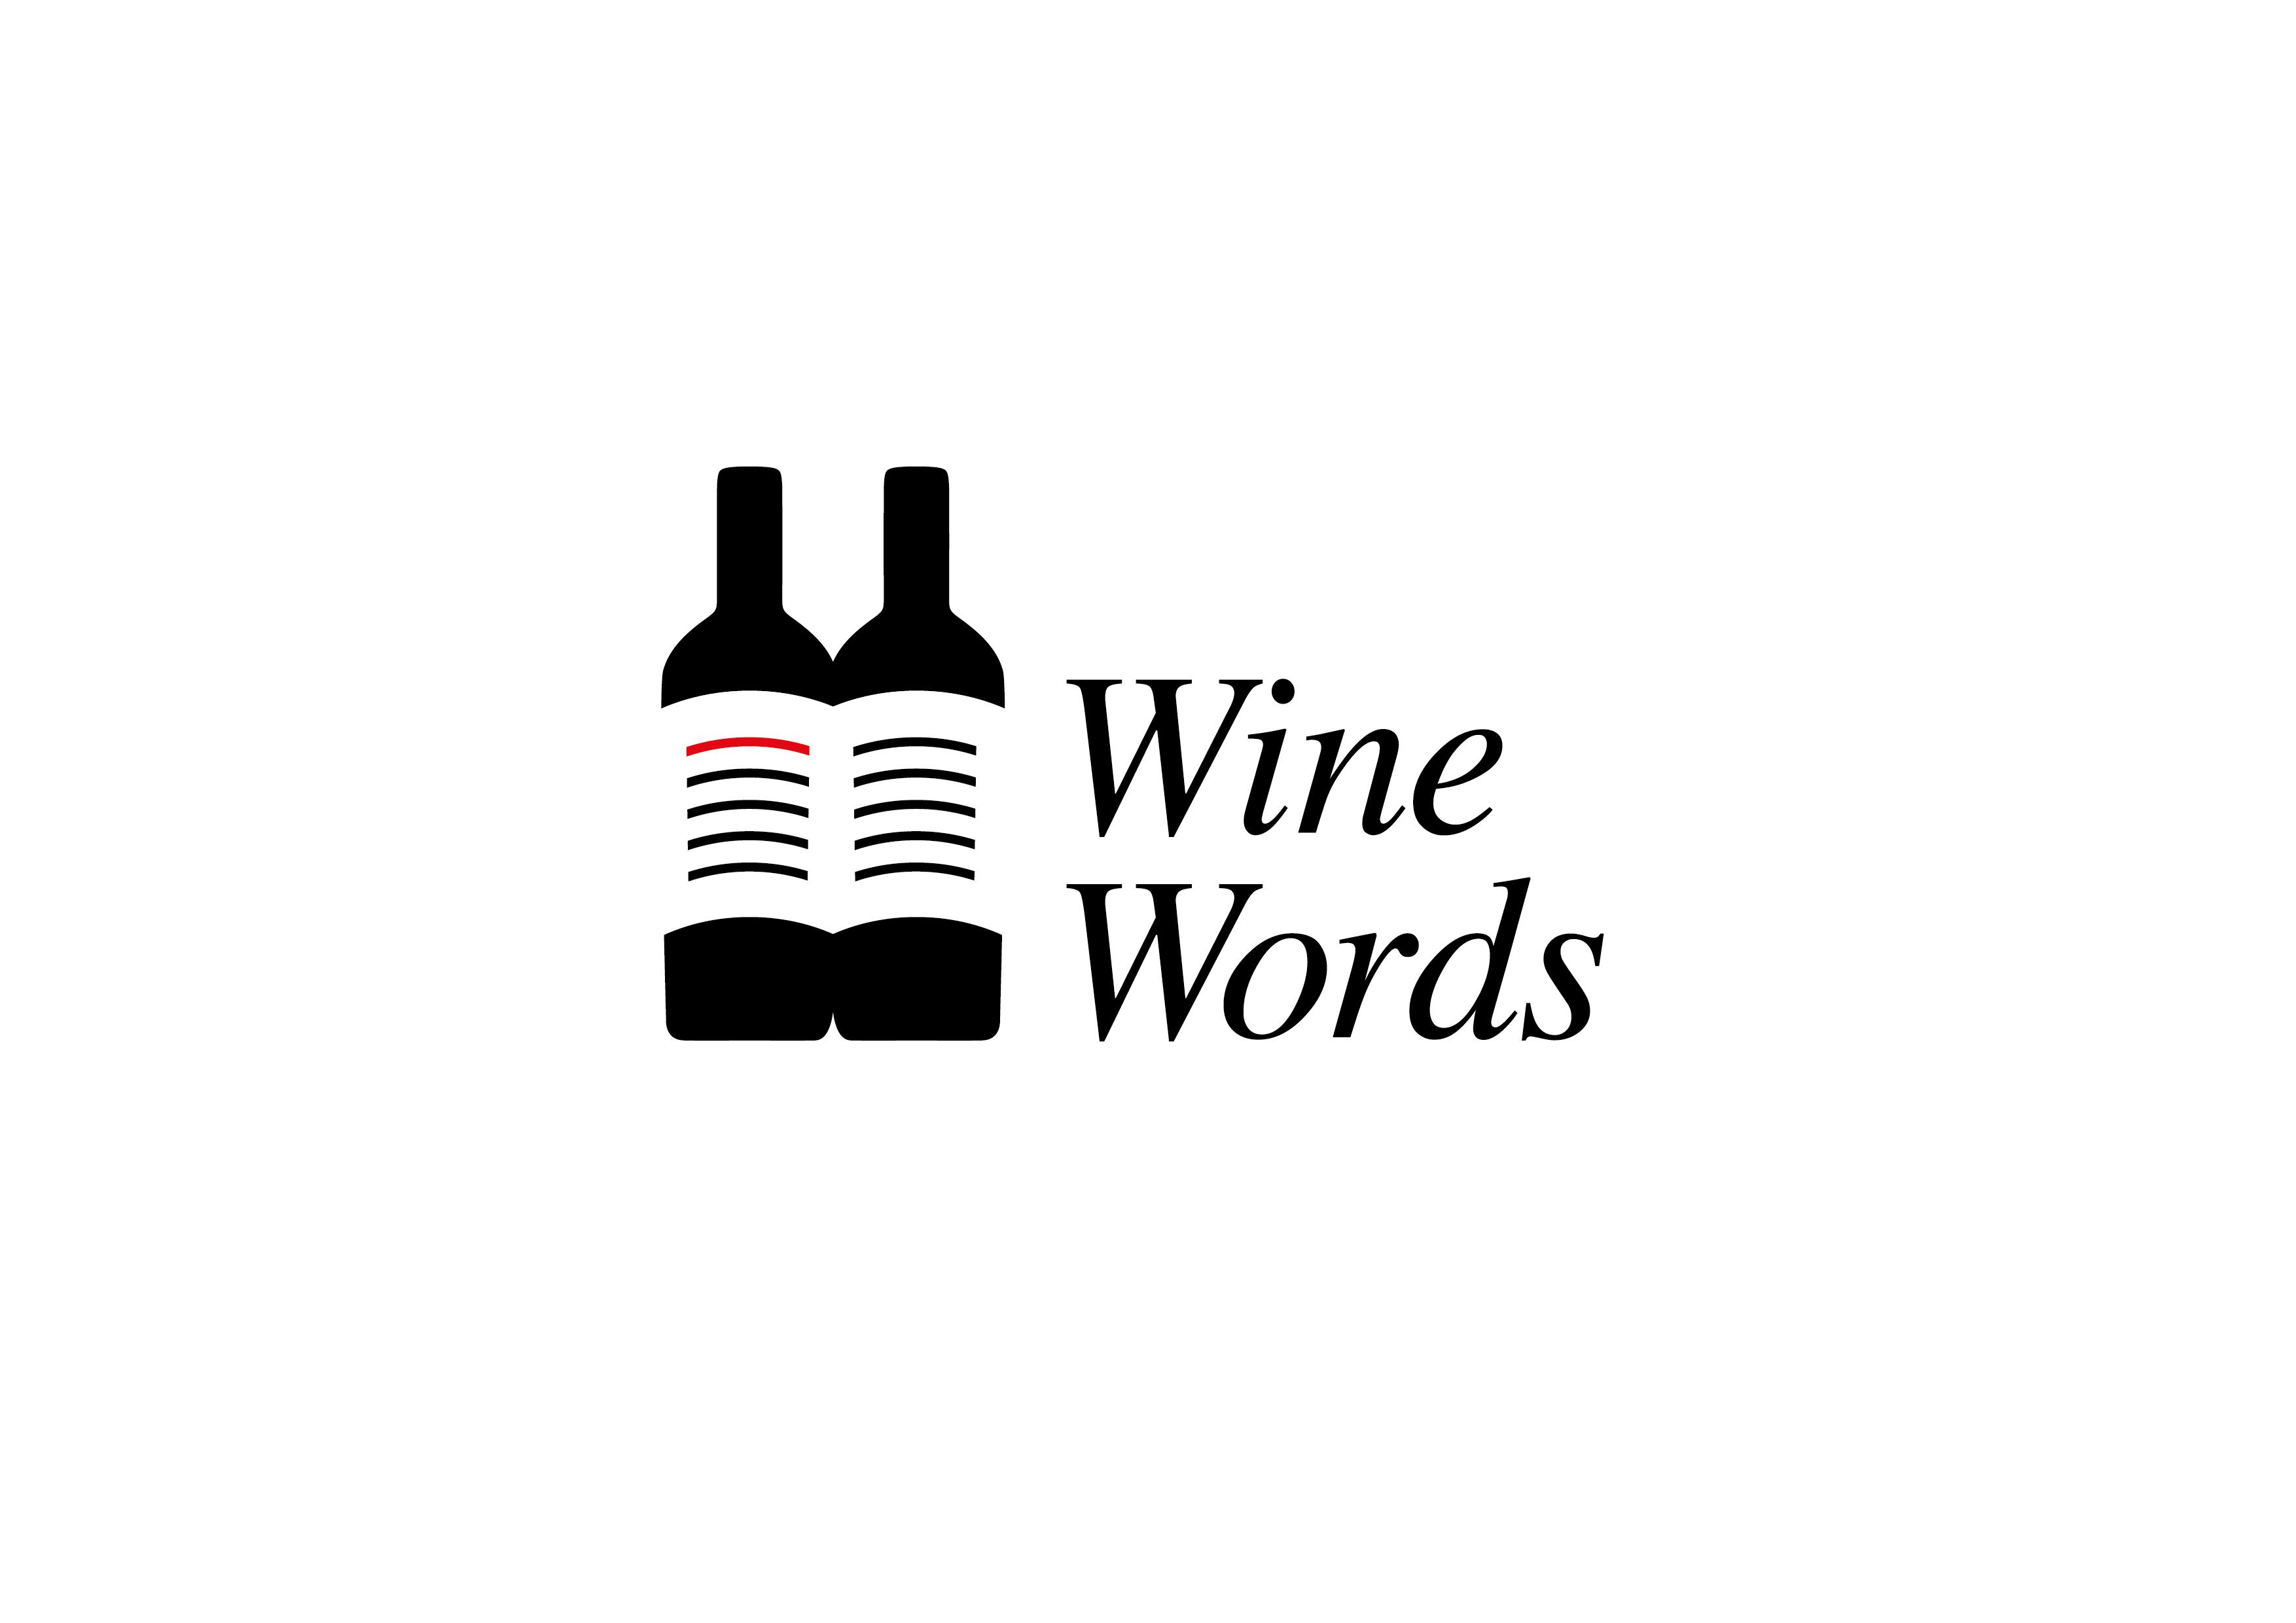 wine-words-logo-01